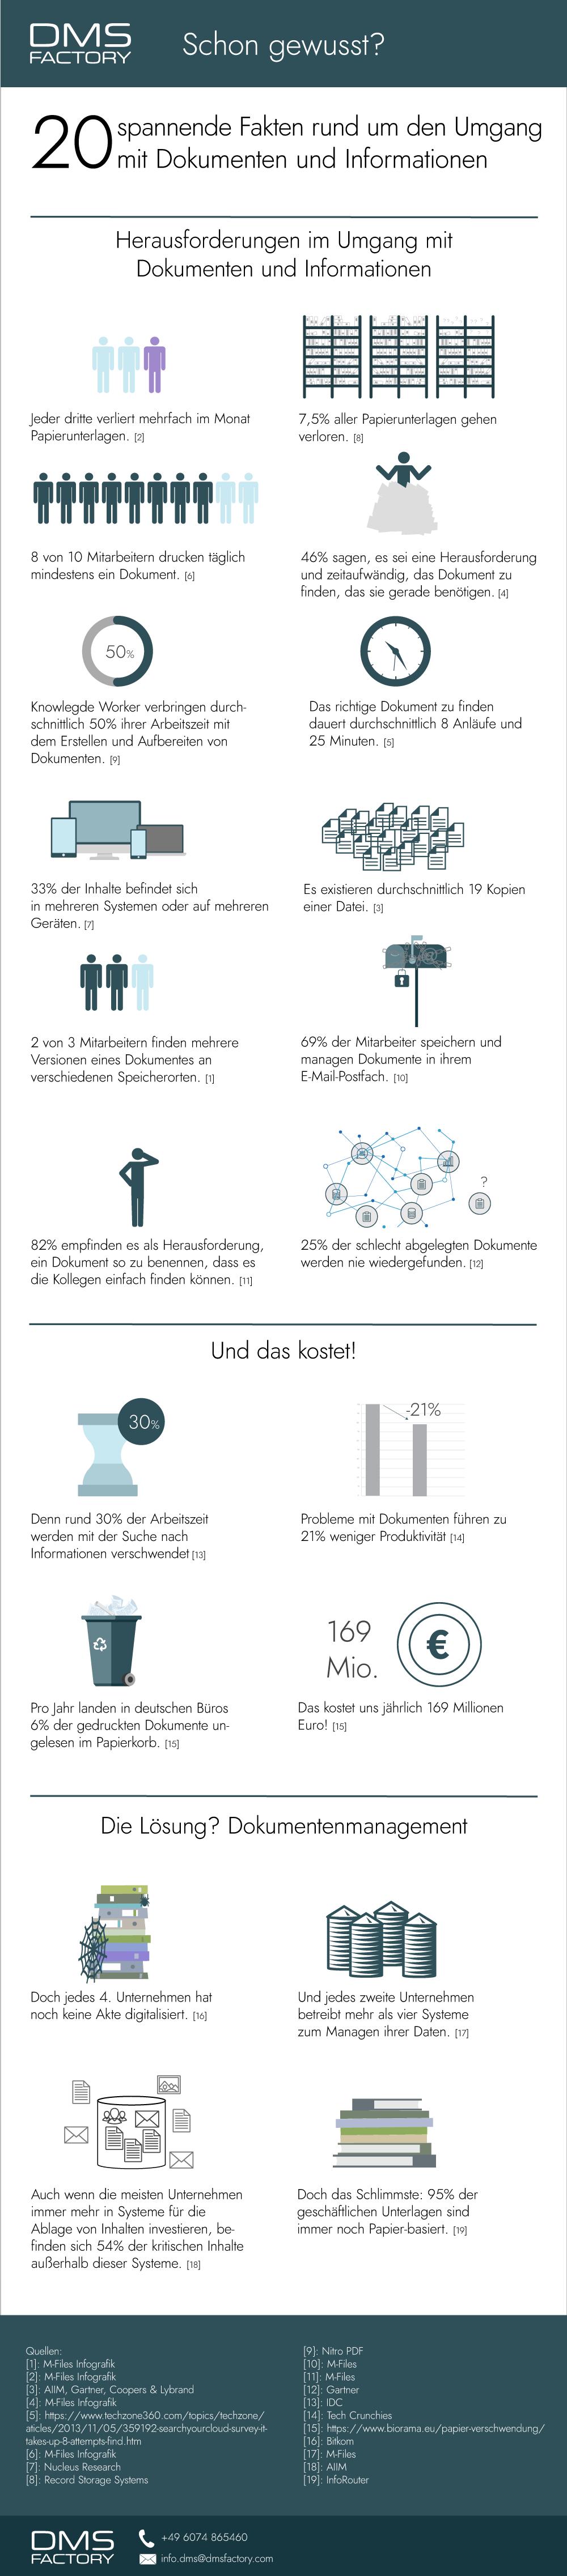 Infografik: Schon gewusst? 20 Fakten zum Dokumentenmanagement